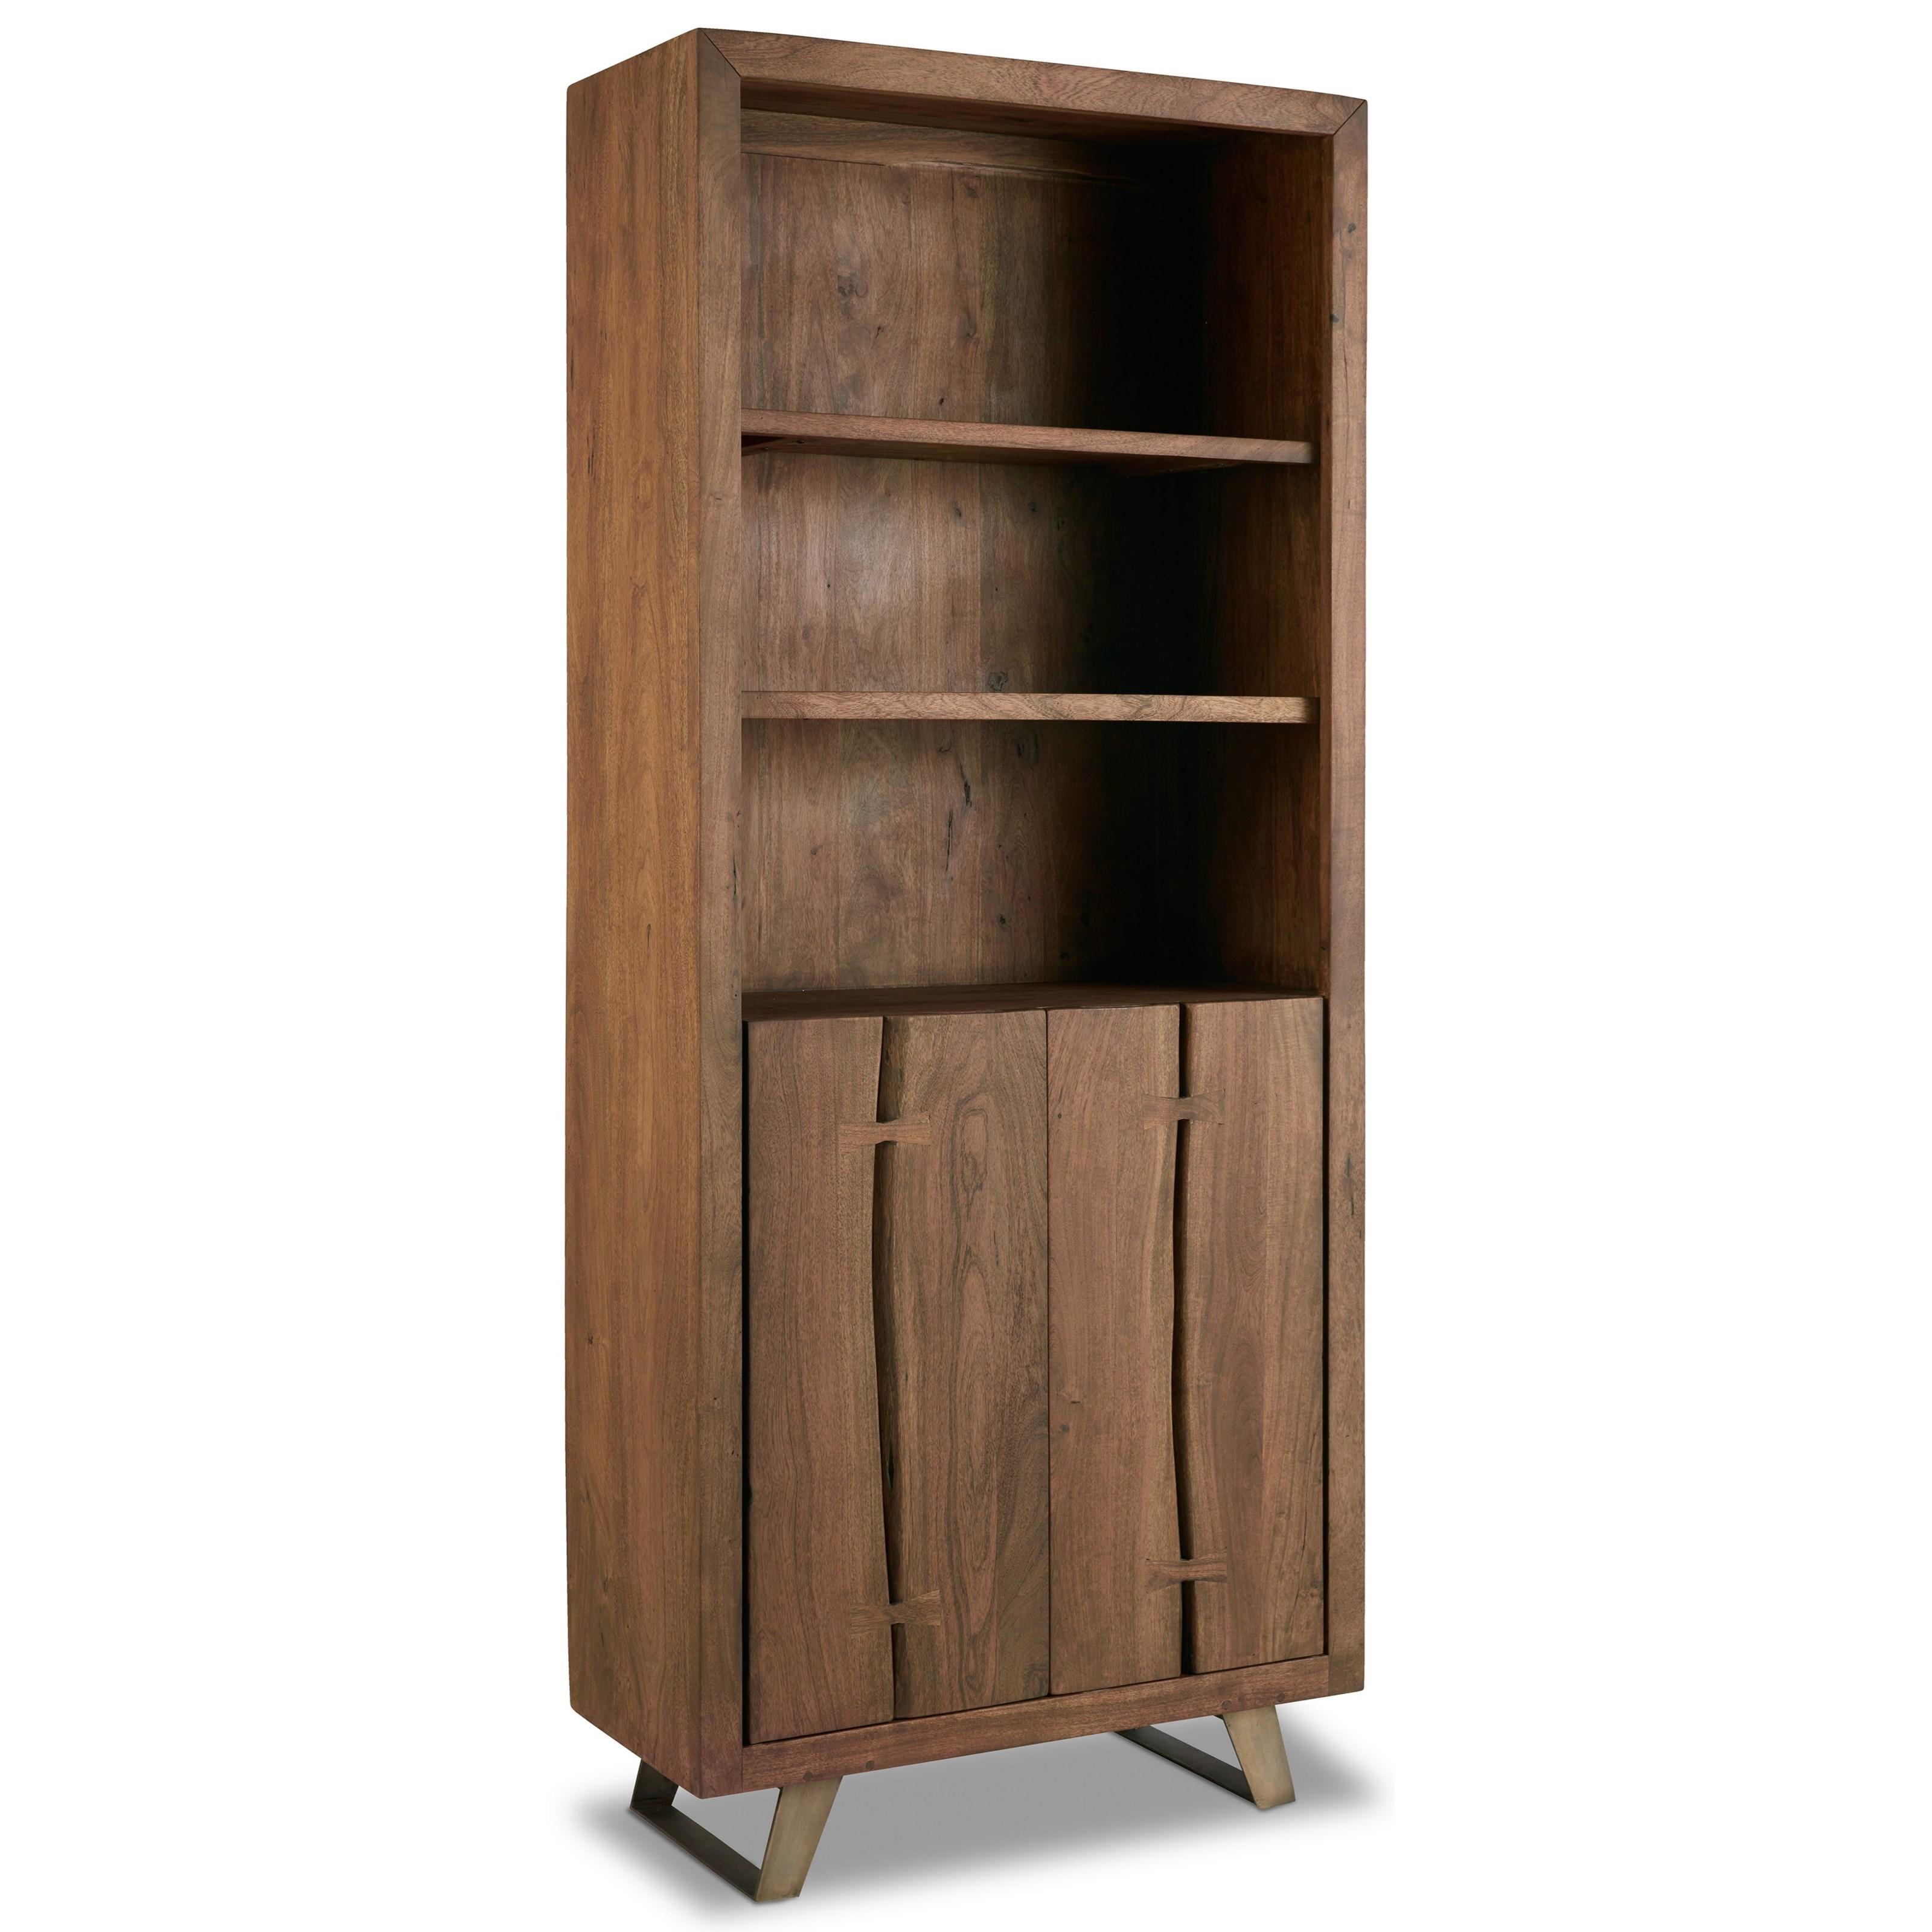 Hooker Furniture Transcend Bookcase - Item Number: 7000-10446